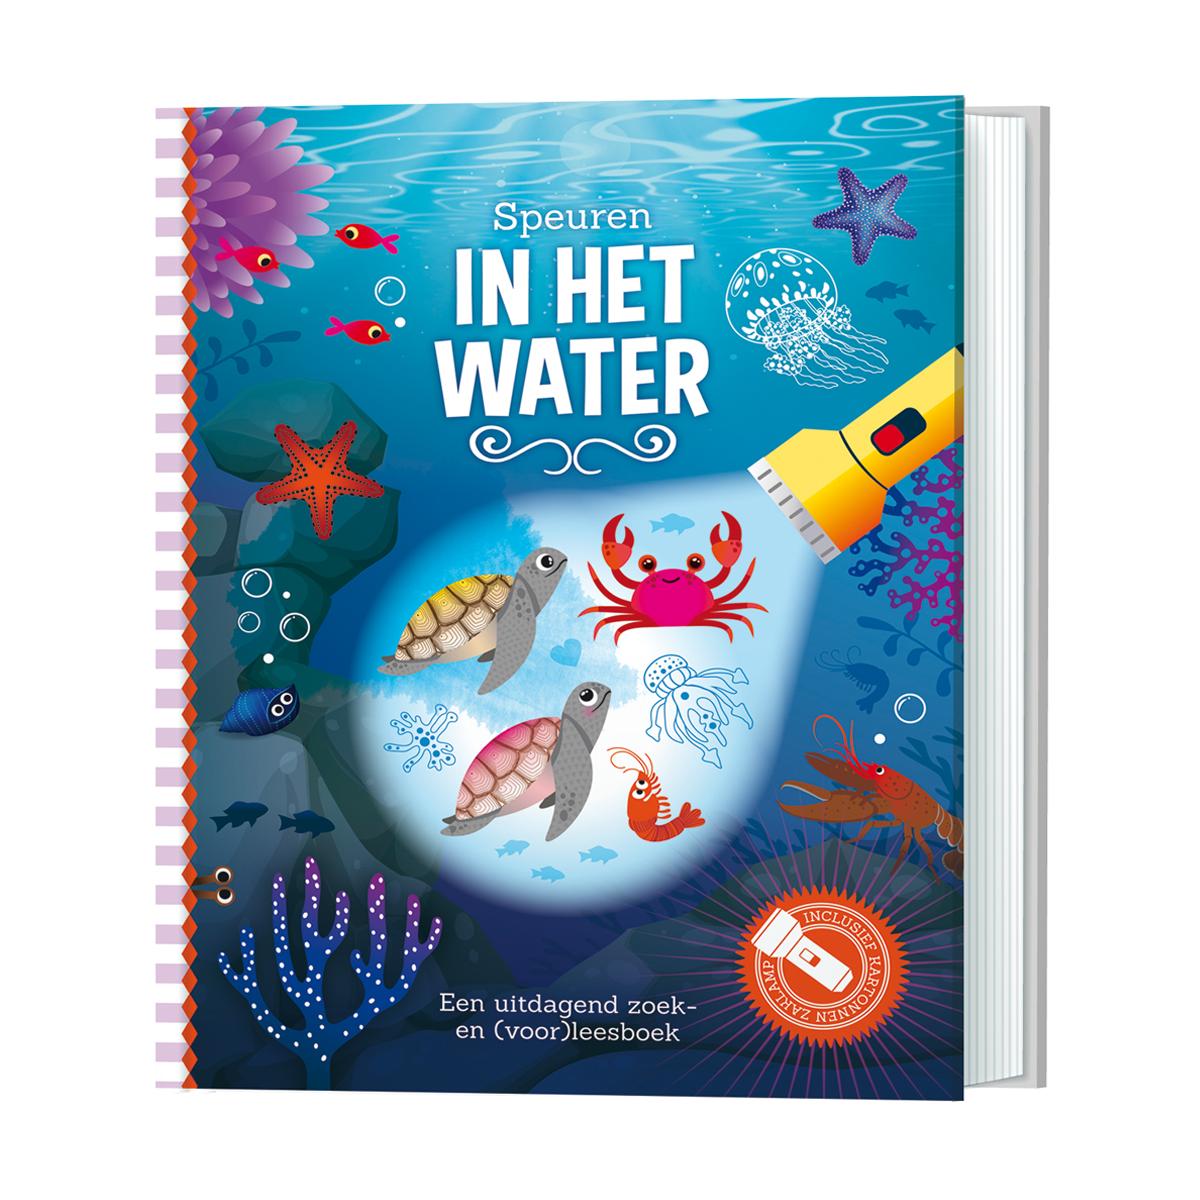 zaklampboek in het water